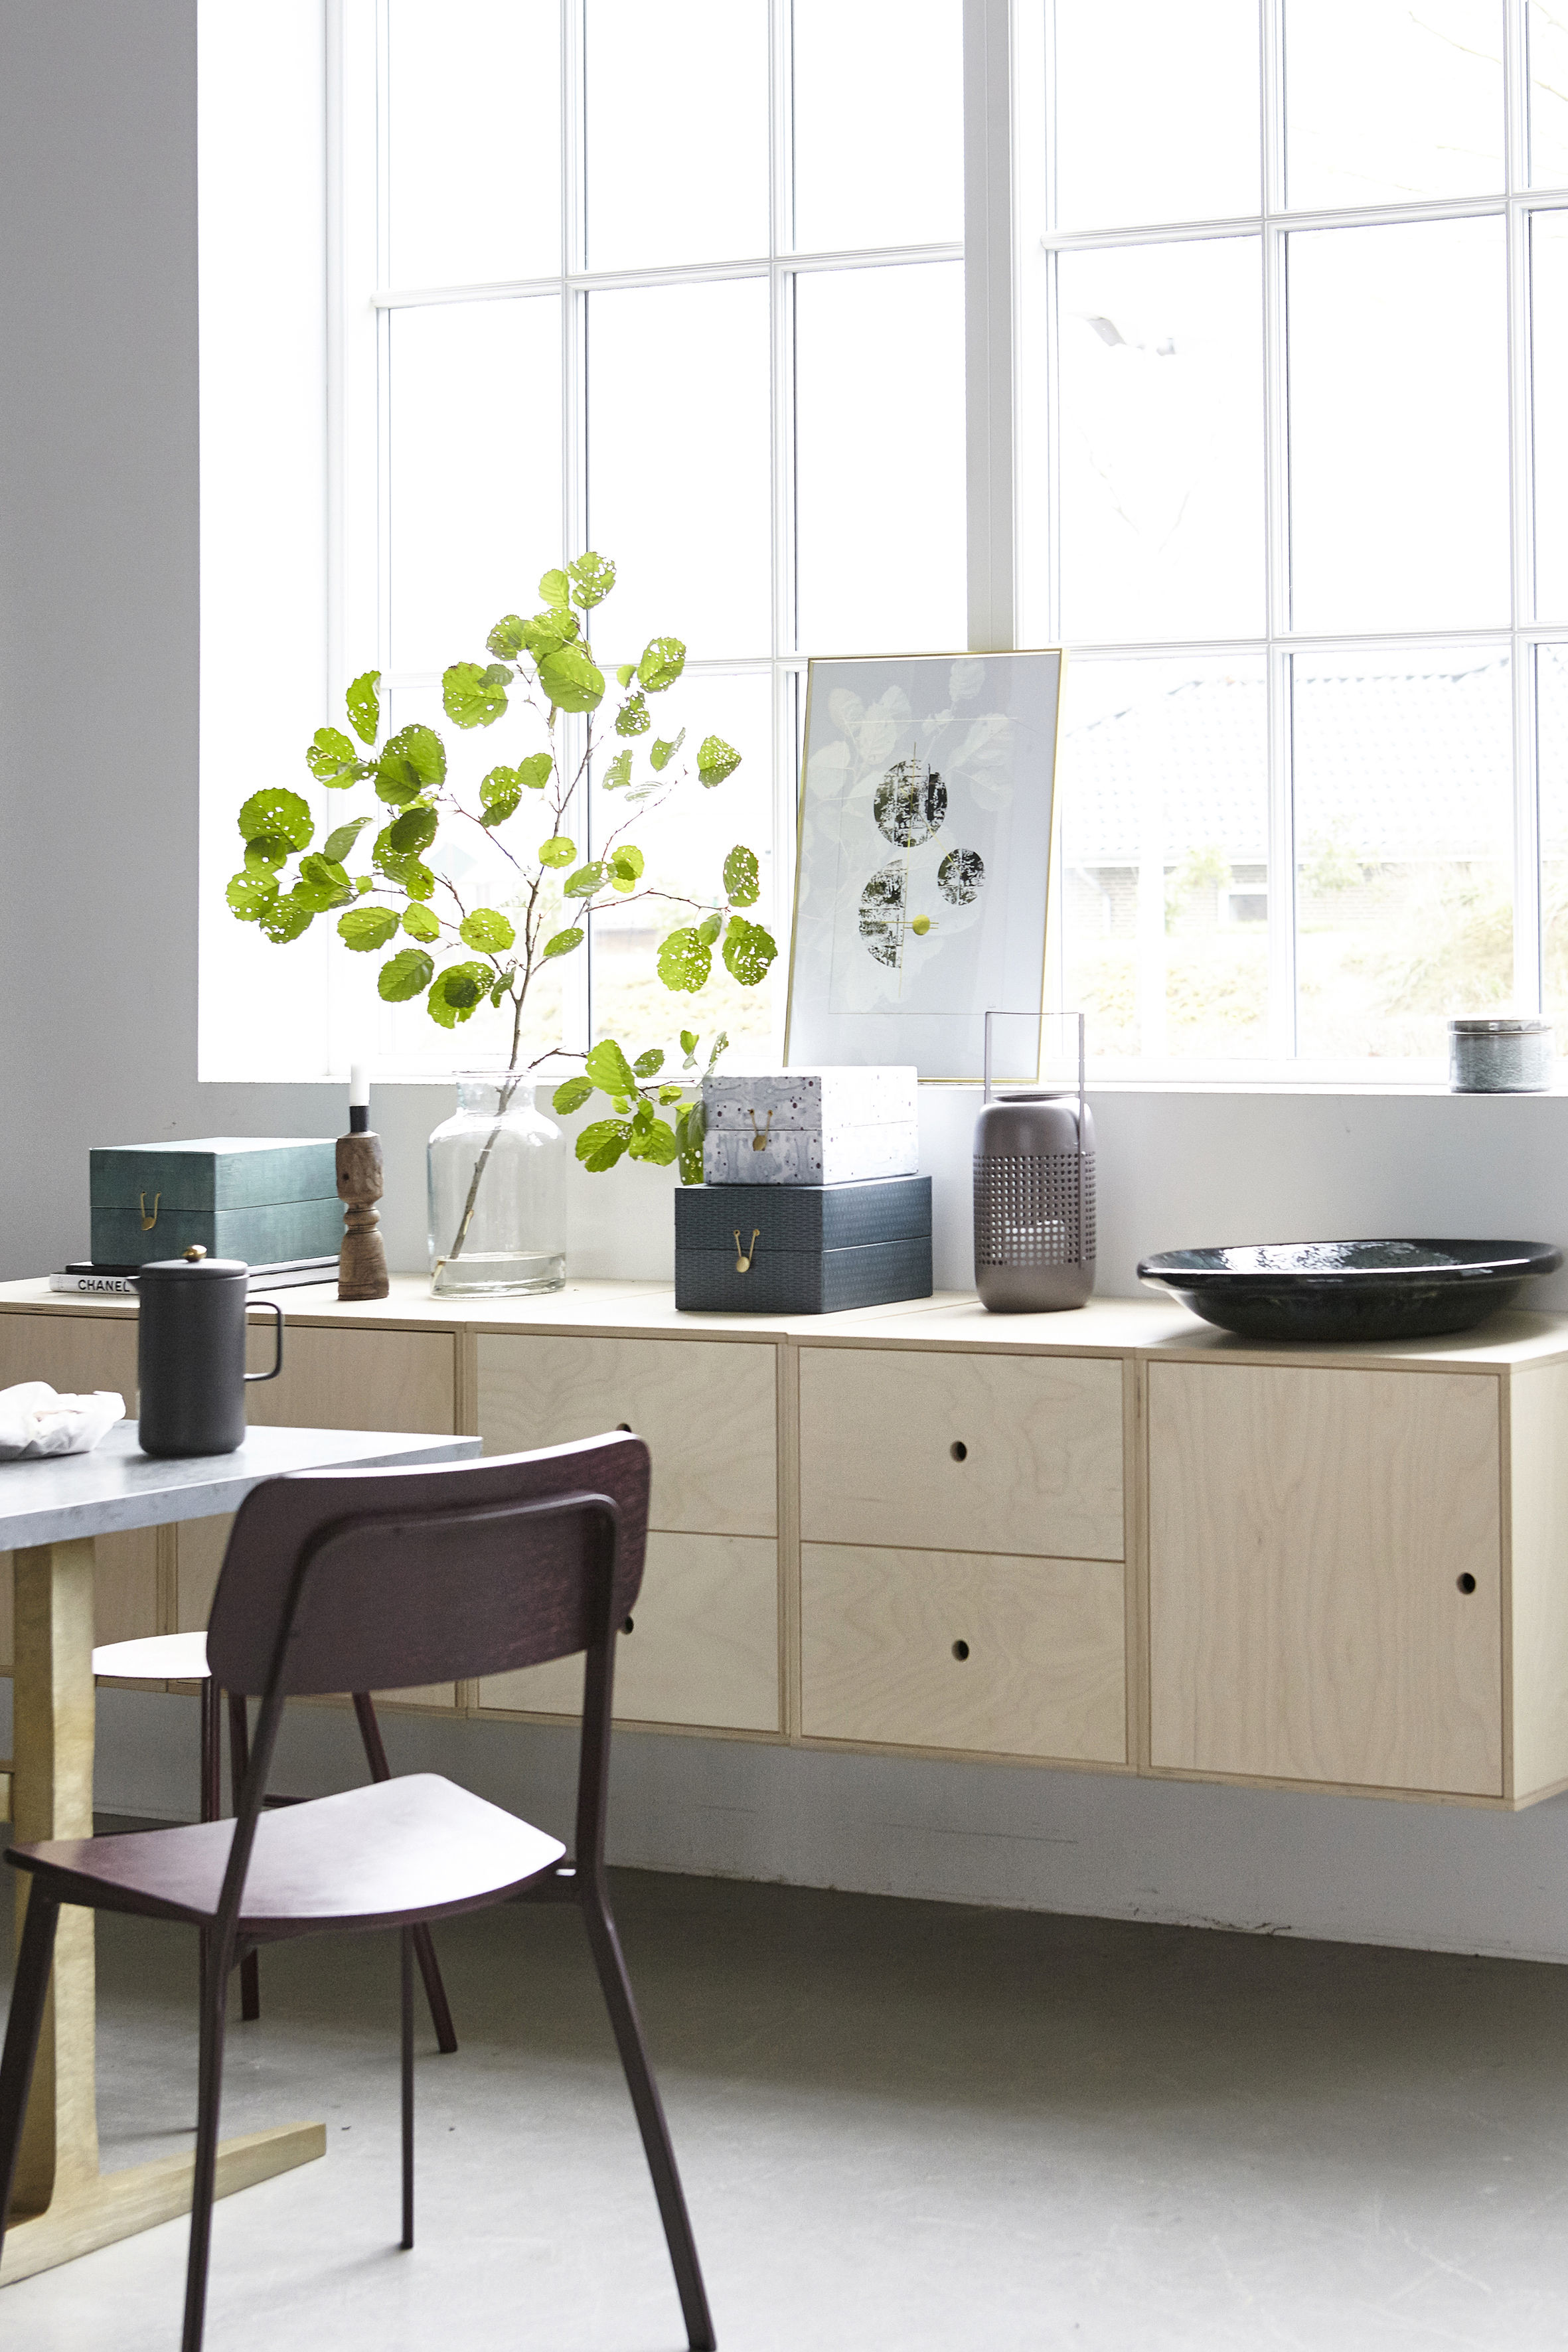 easy cabinet e kiste 2 schubladen birke natur l 48 x h 50 cm birke natur by house. Black Bedroom Furniture Sets. Home Design Ideas